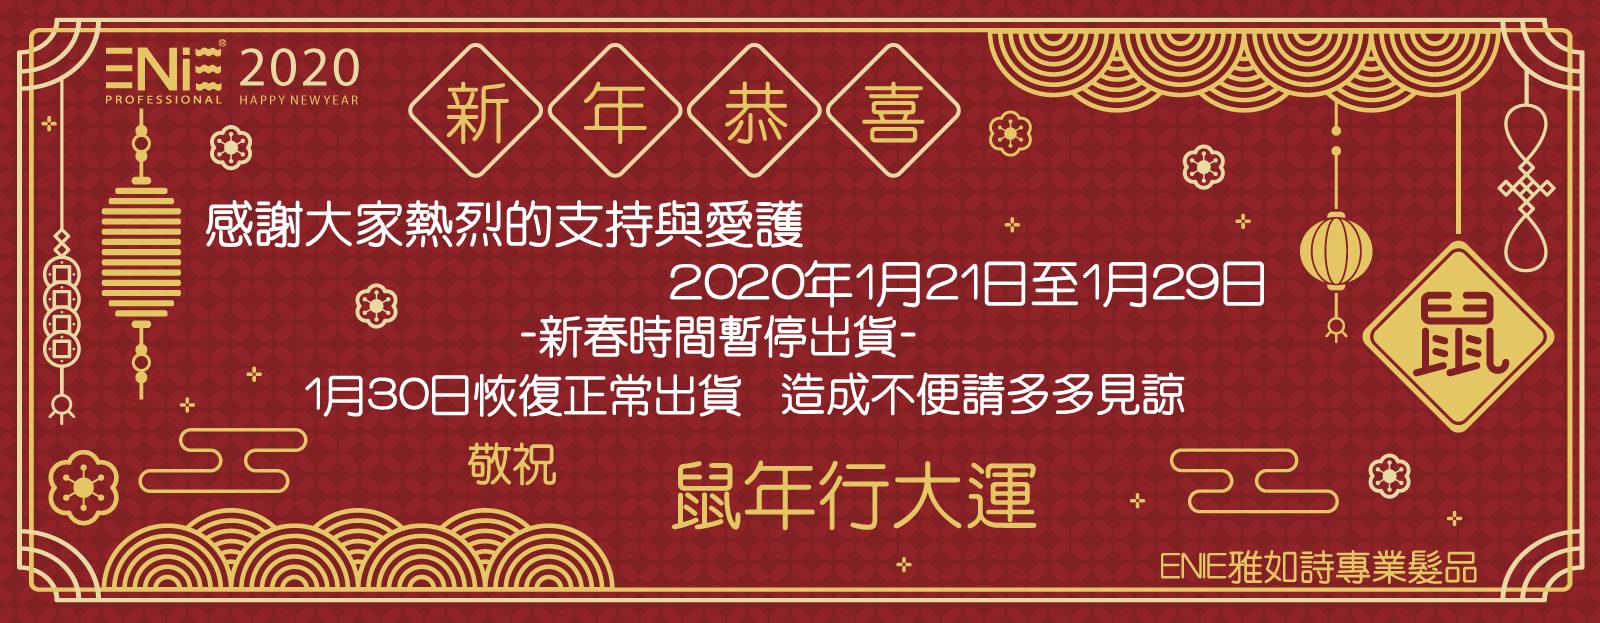 2020-購物車不出貨通知.png (304 KB)